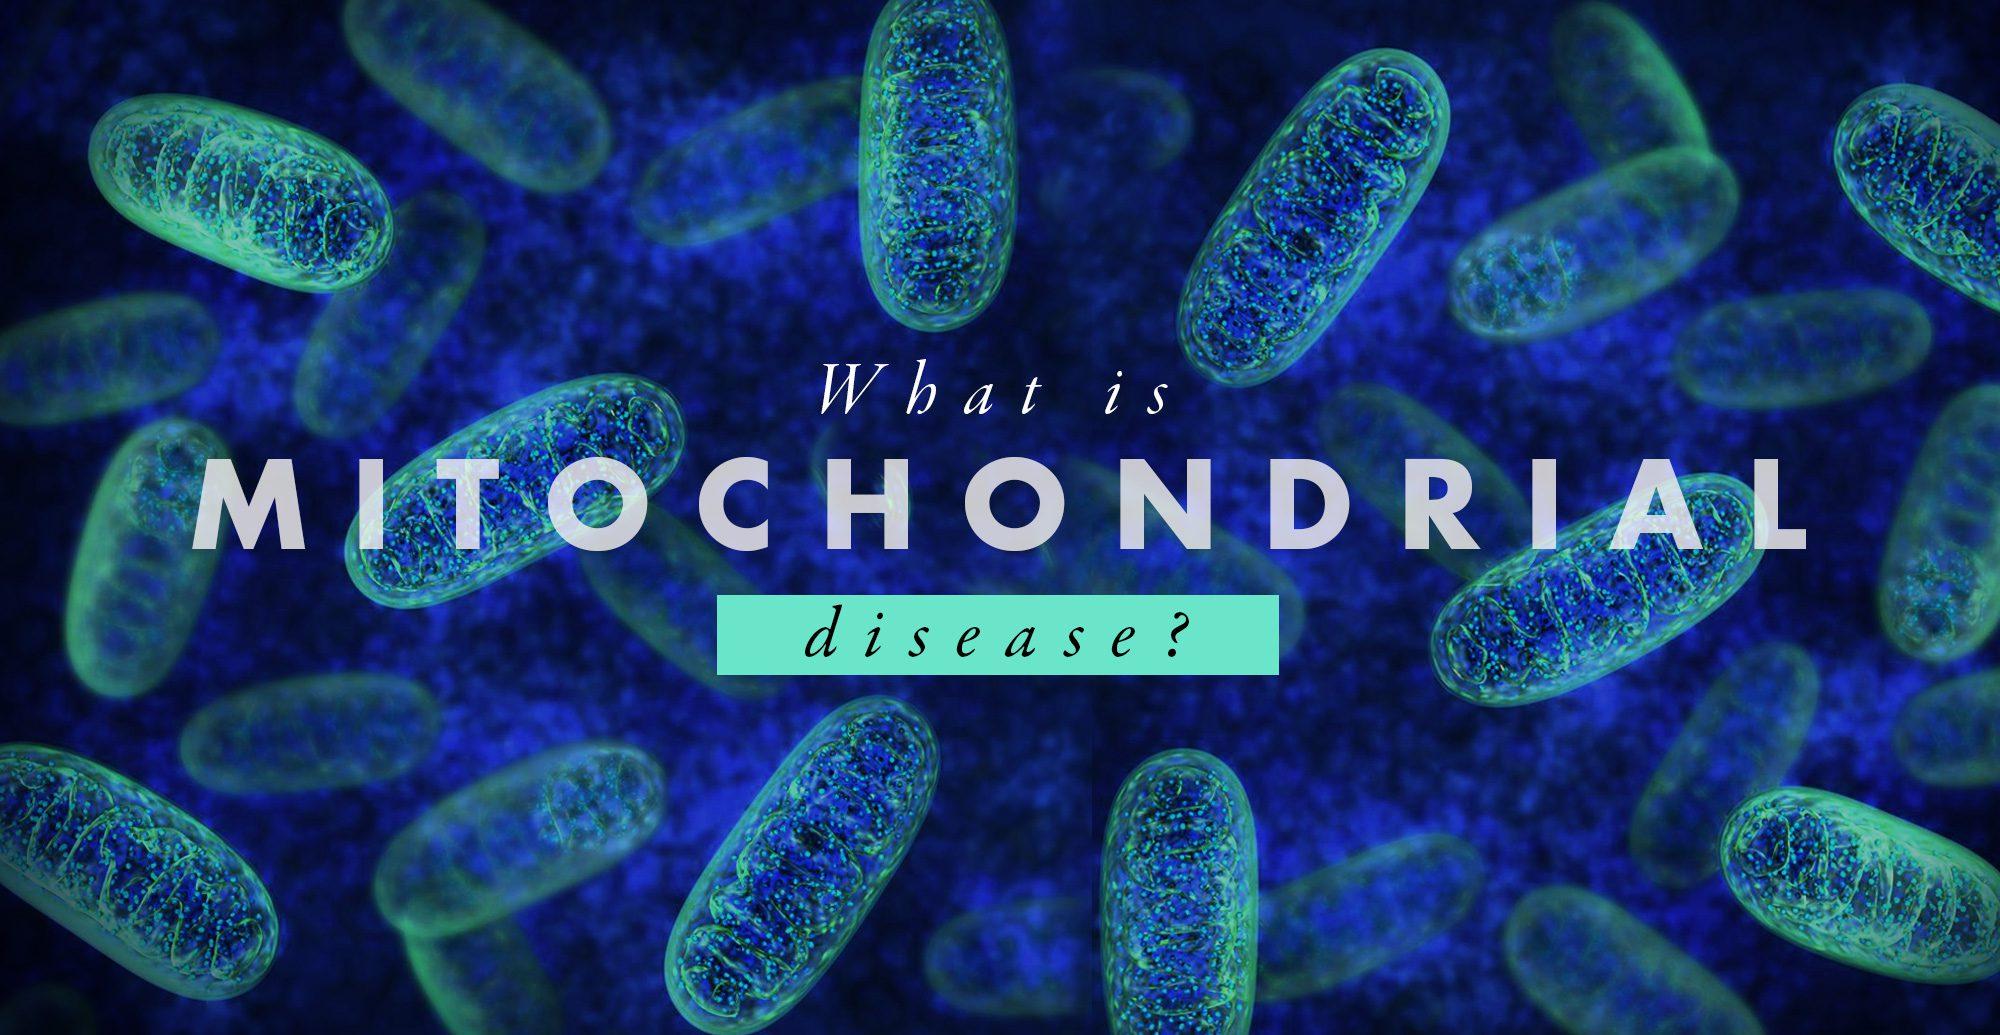 ミトコンドリア病とは? | テキサス州カイロプラクター、エルパソ